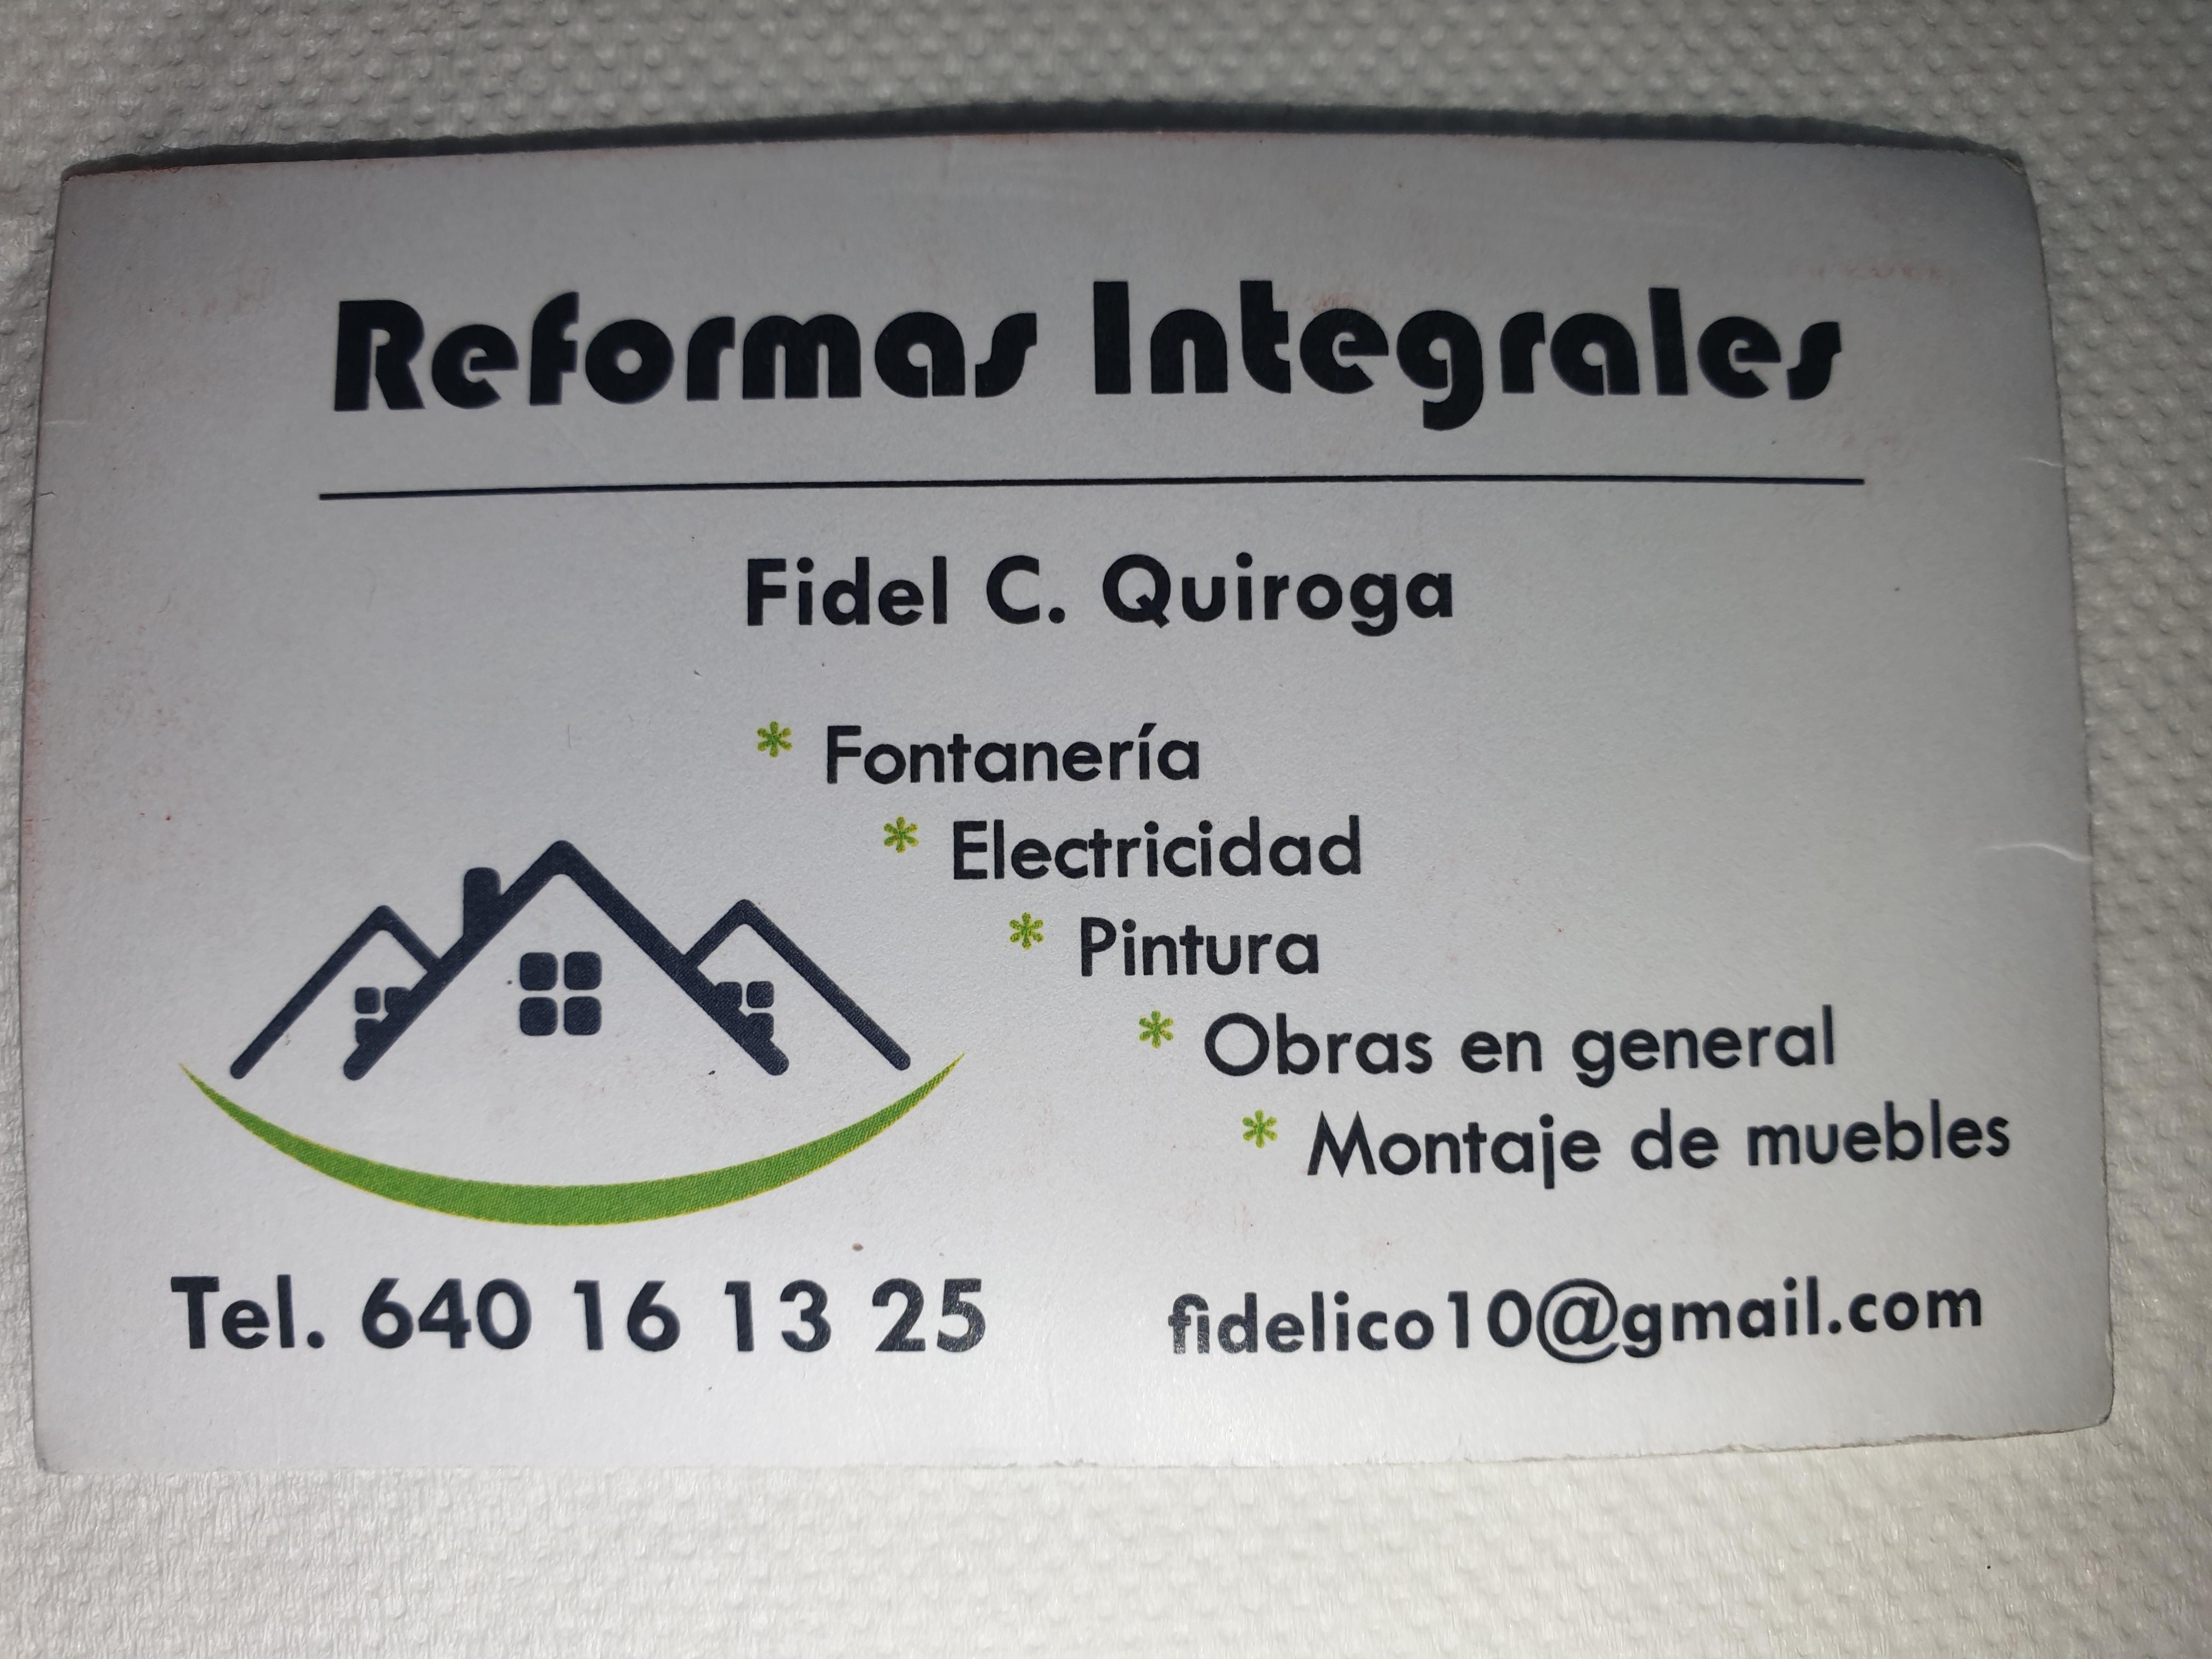 Fidel C. Quiroga